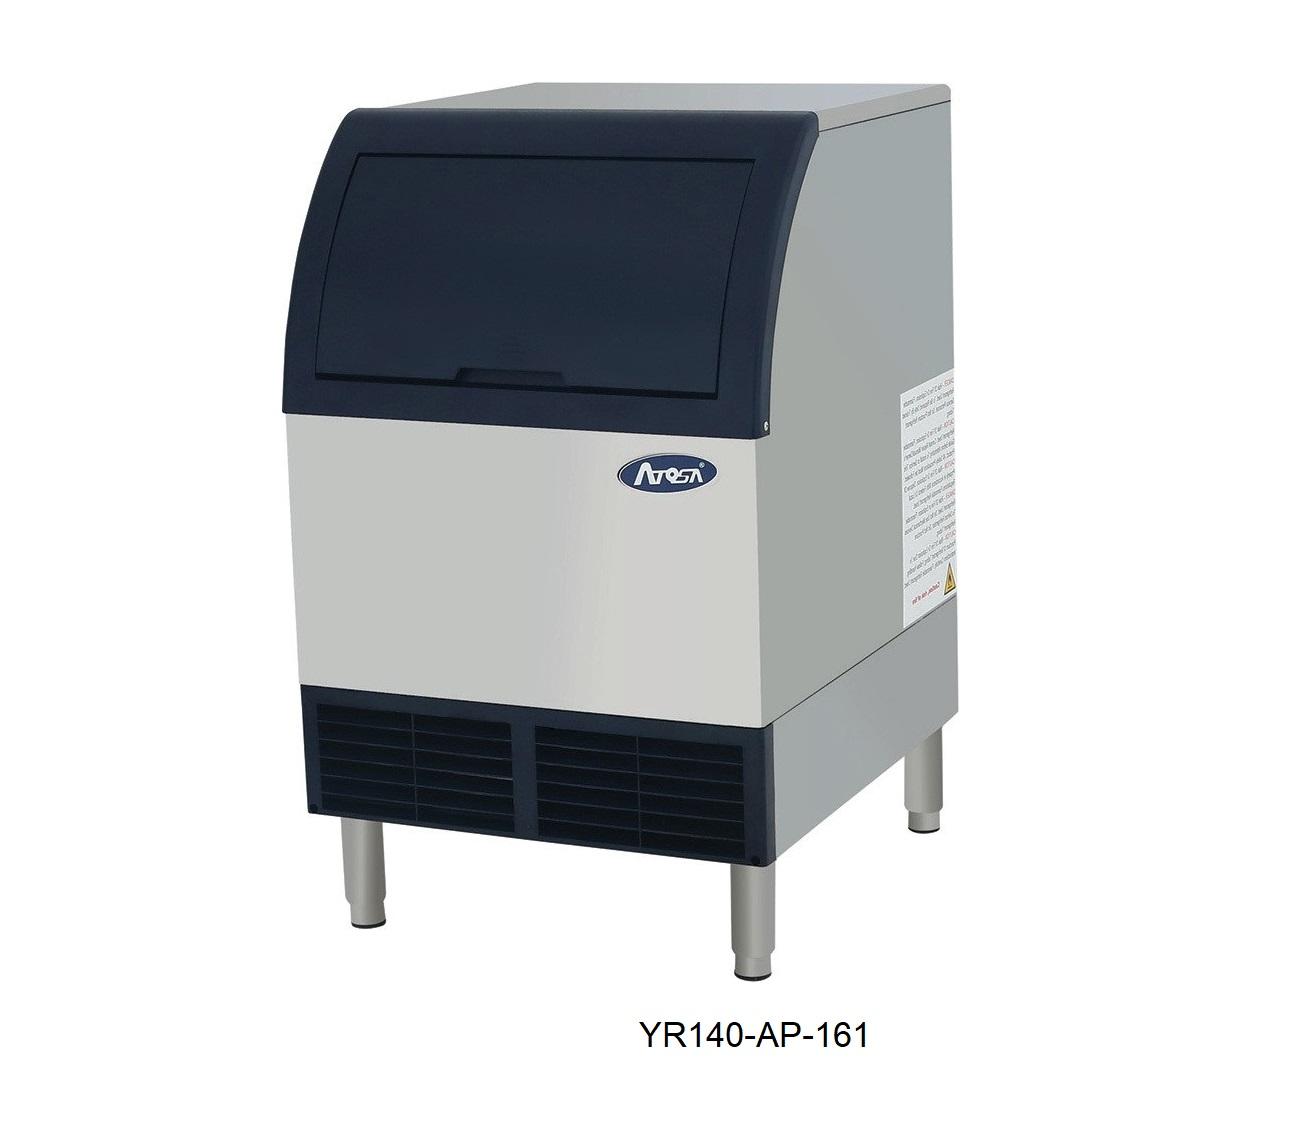 Maquina de hielo bajo mostrador atosa